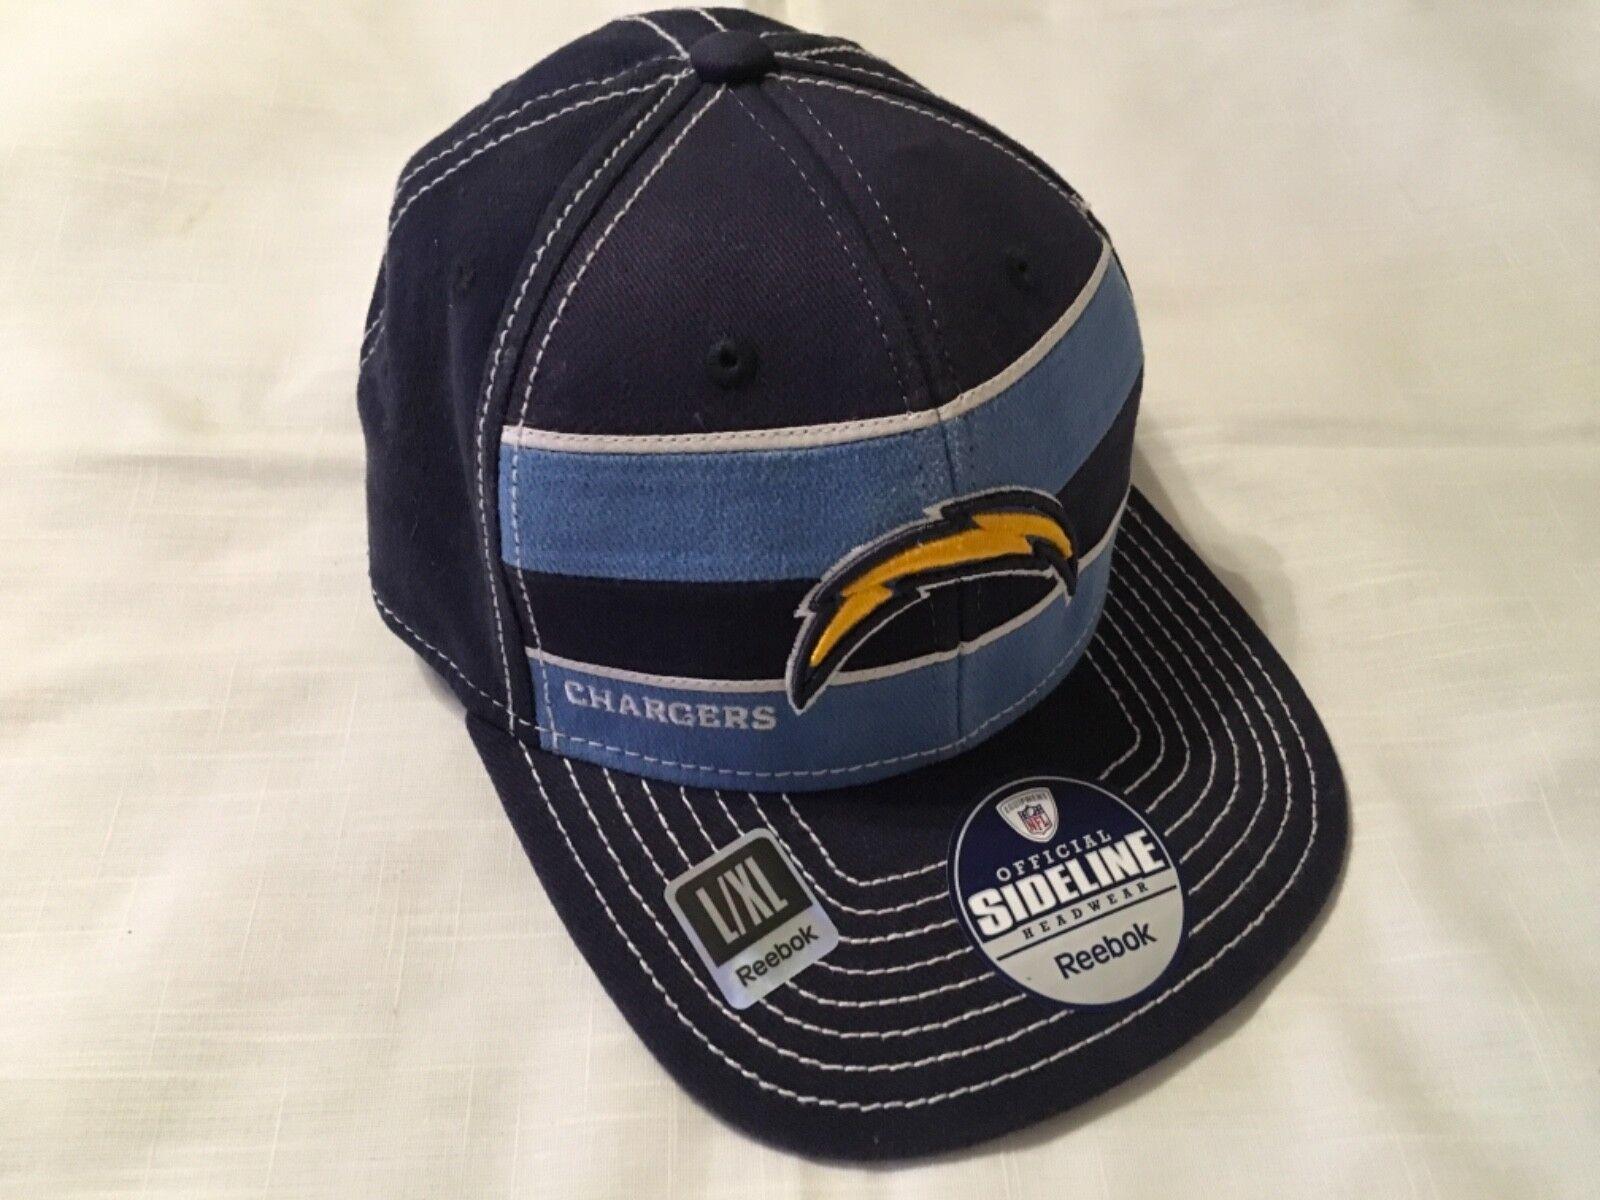 New Los Angeles Chargers Cap NFL Team Apparel Reebok Baseball Cap Chargers L/XL d307d9